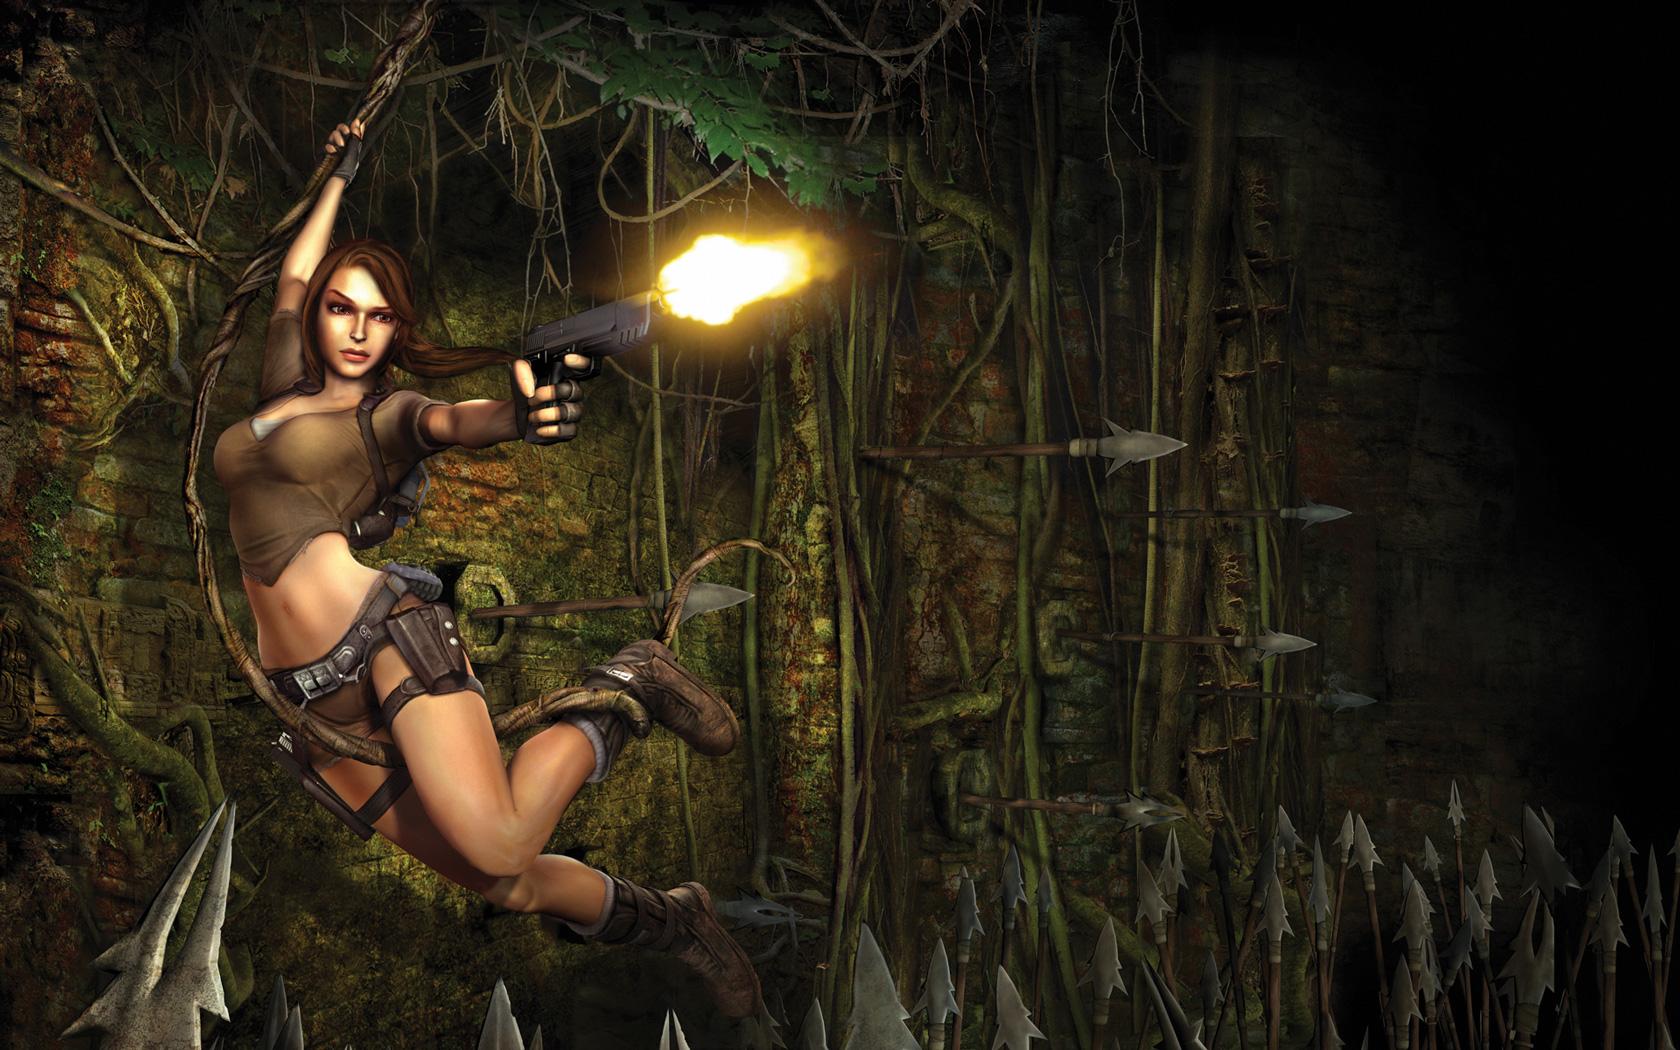 Free Tomb Raider: Legend Wallpaper in 1680x1050